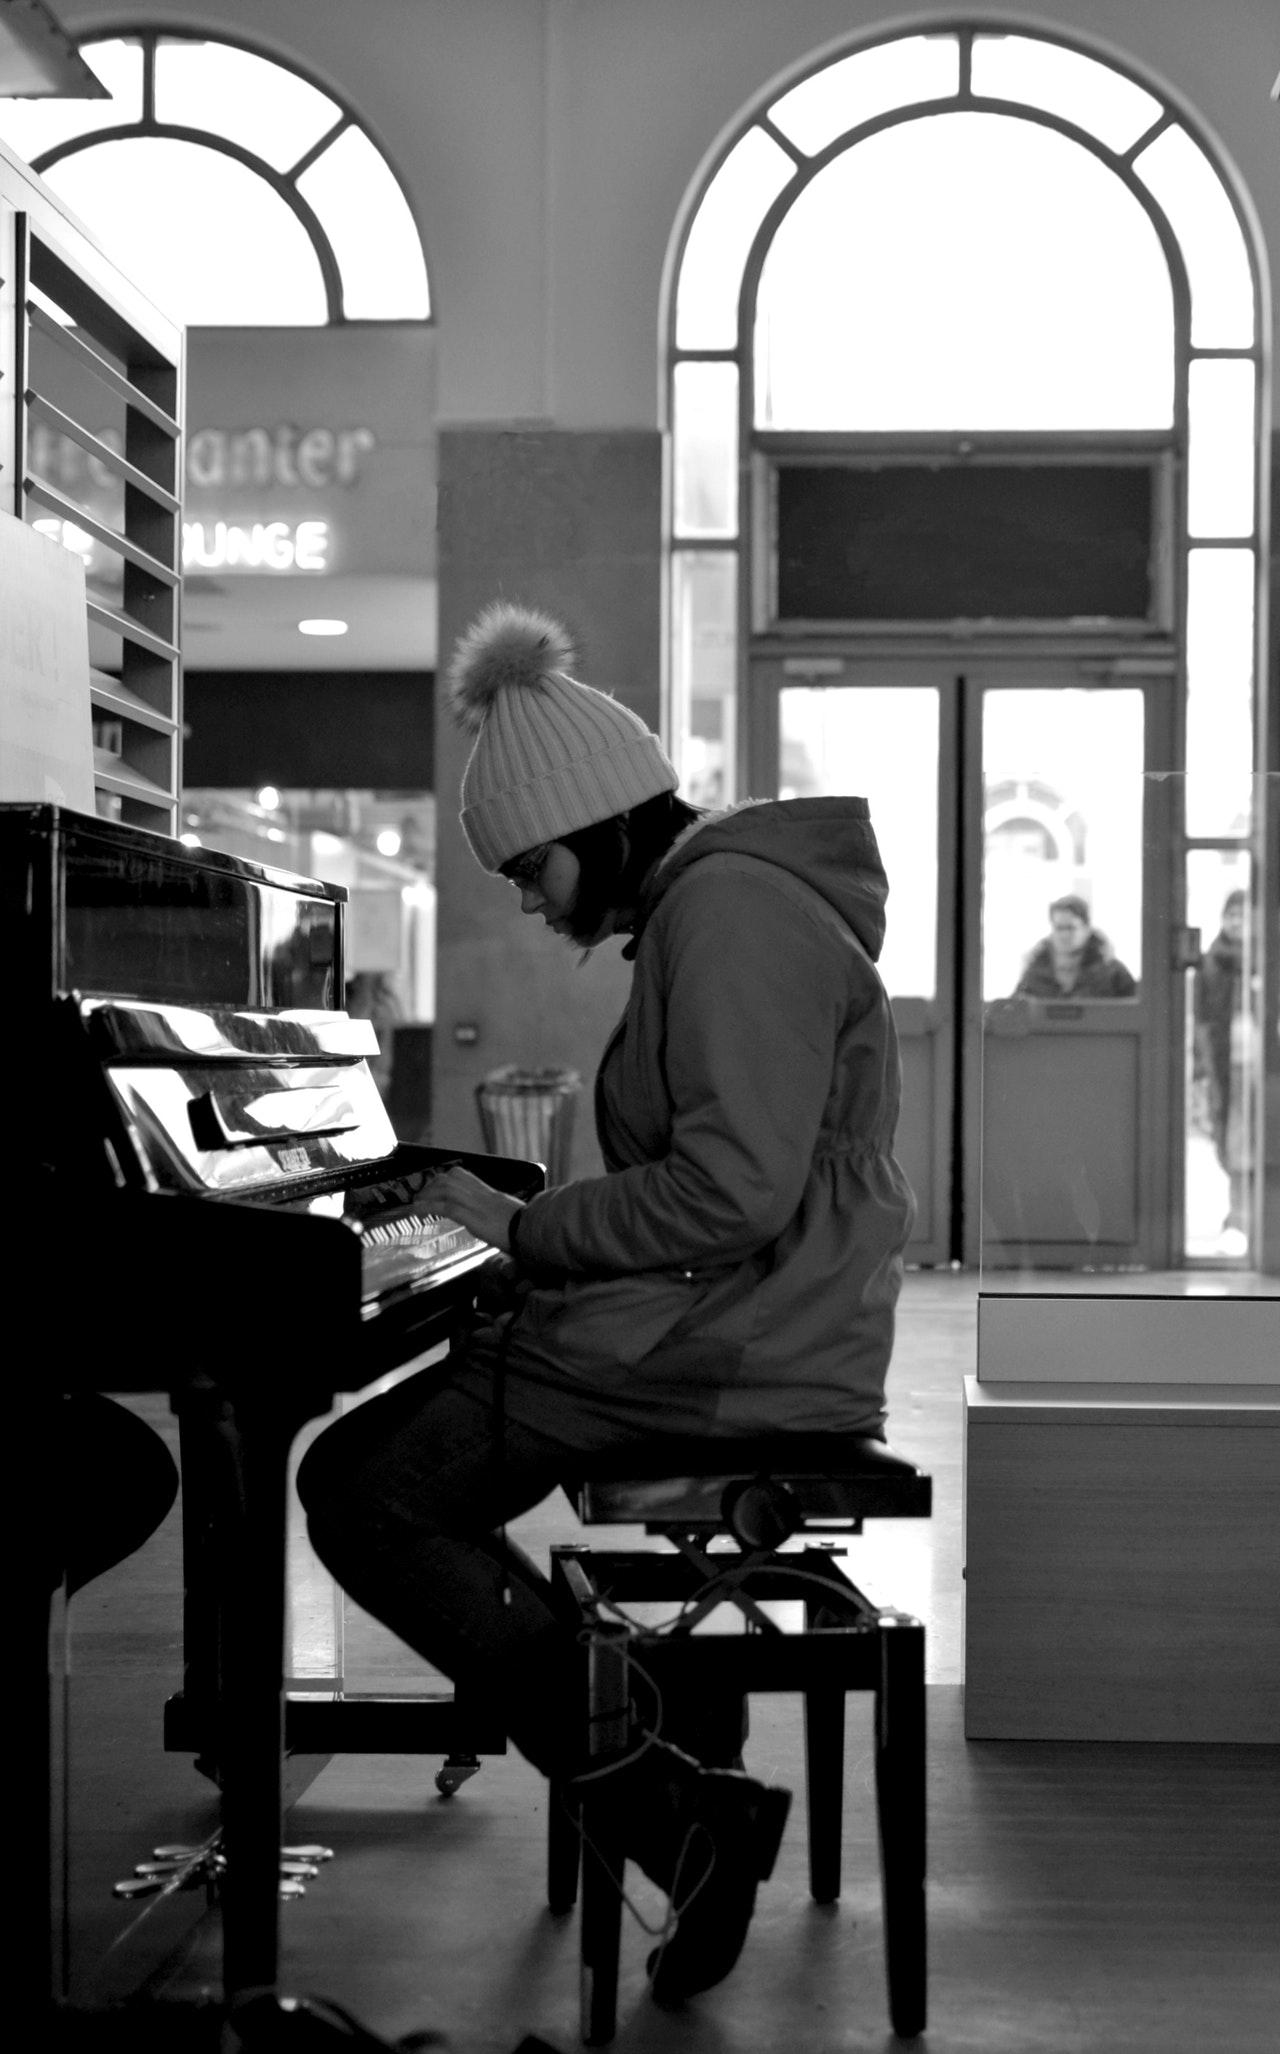 comment-apprendre-le-piano-facilement-et-sans-professeur